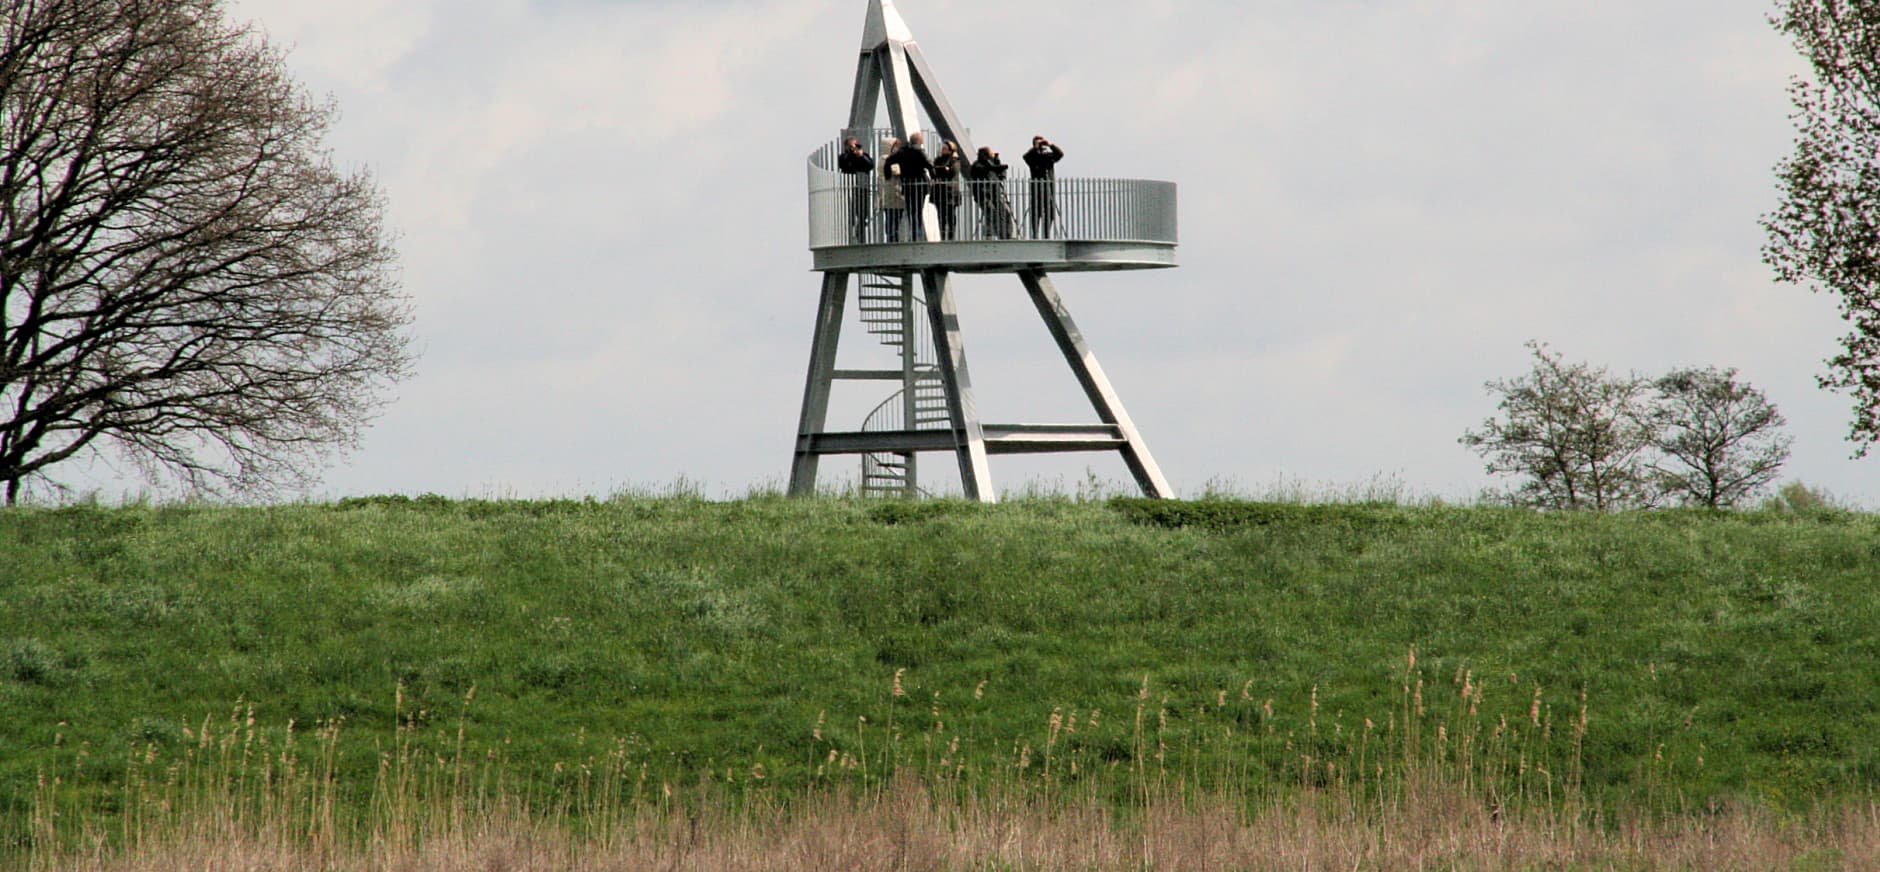 Winnende naam voor de uitkijktoren: De Oijense Wachter